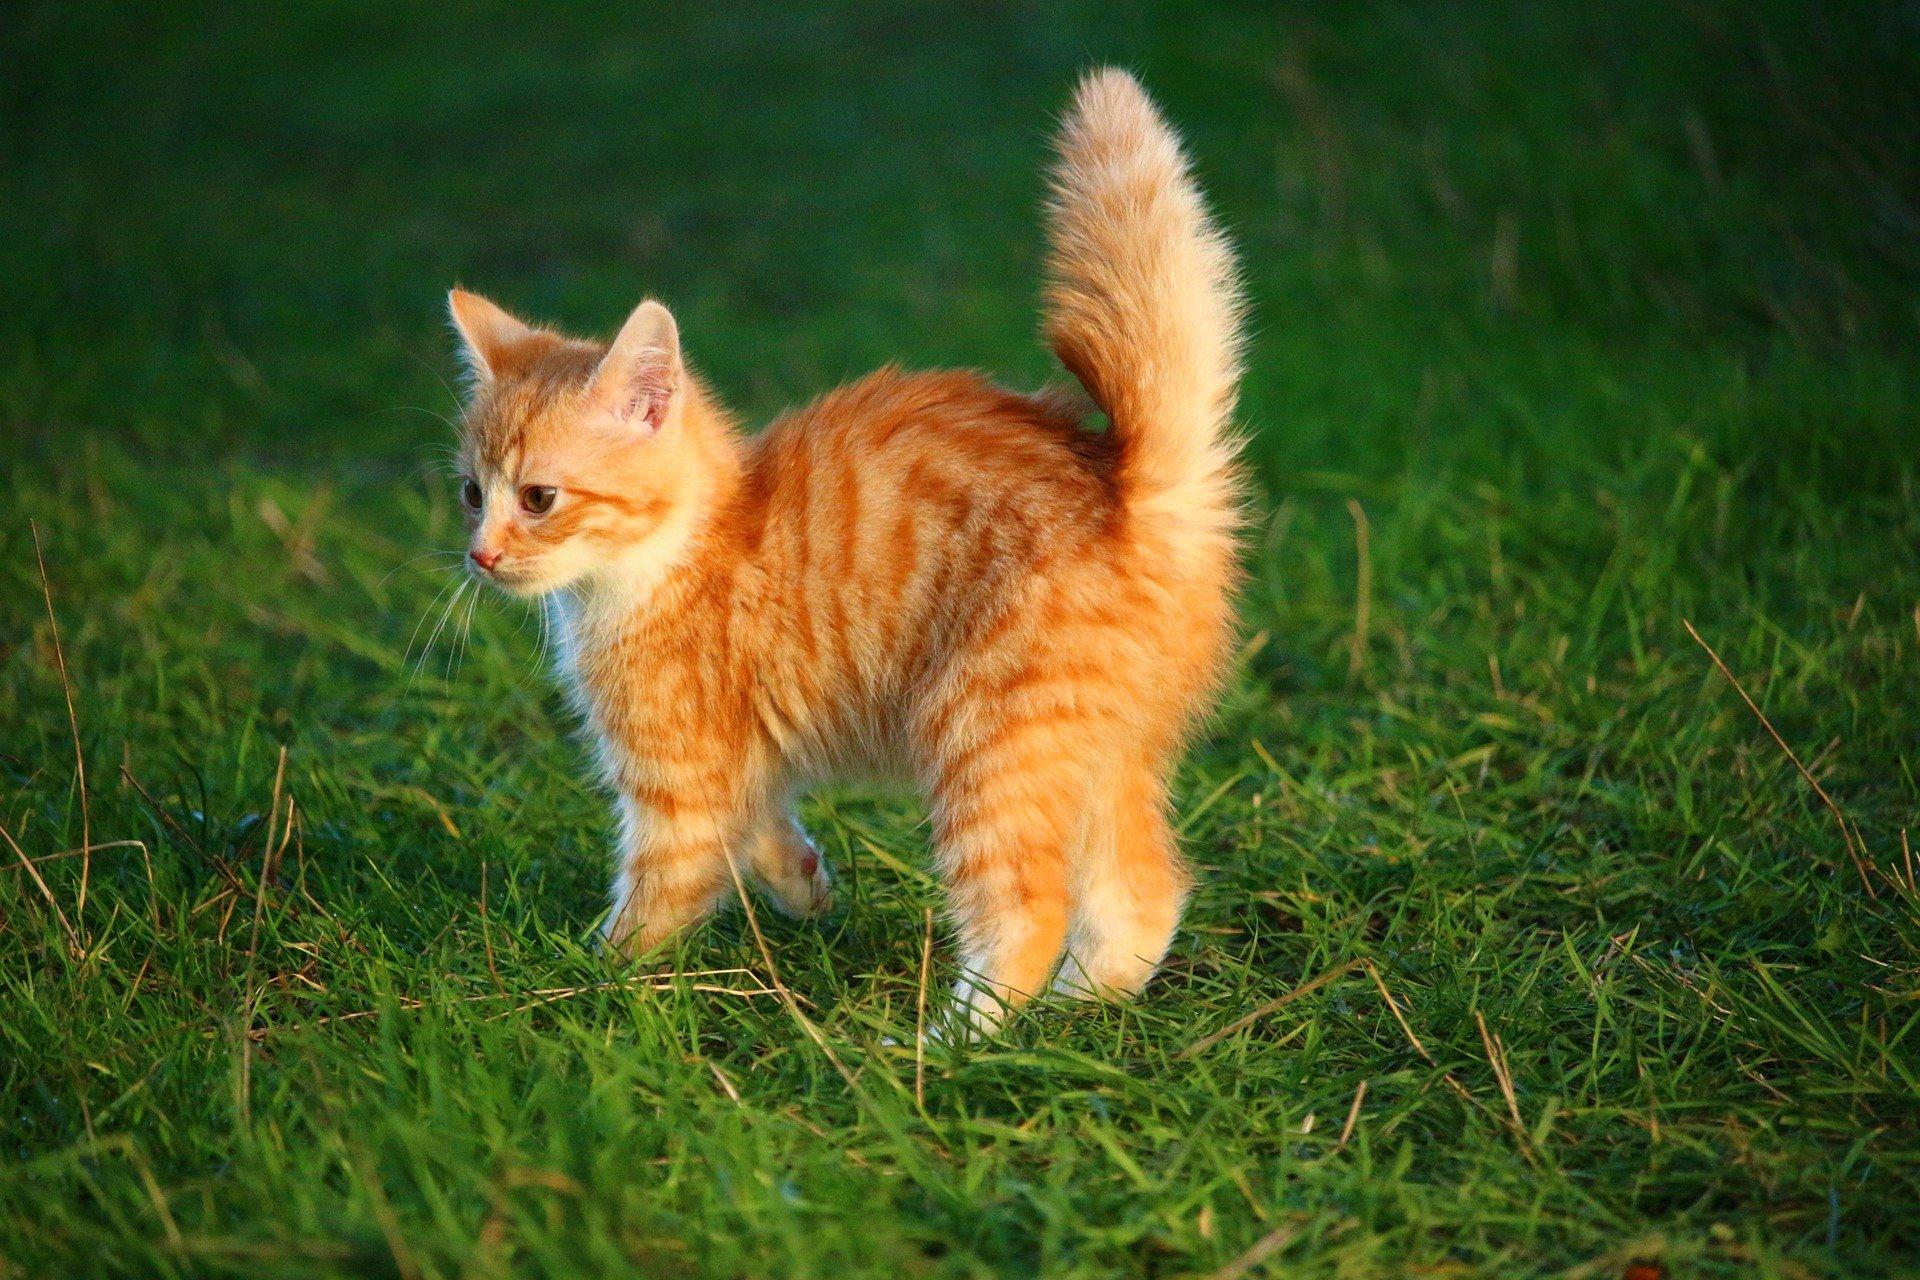 Los gatitos aprenden rápido a usar su cola